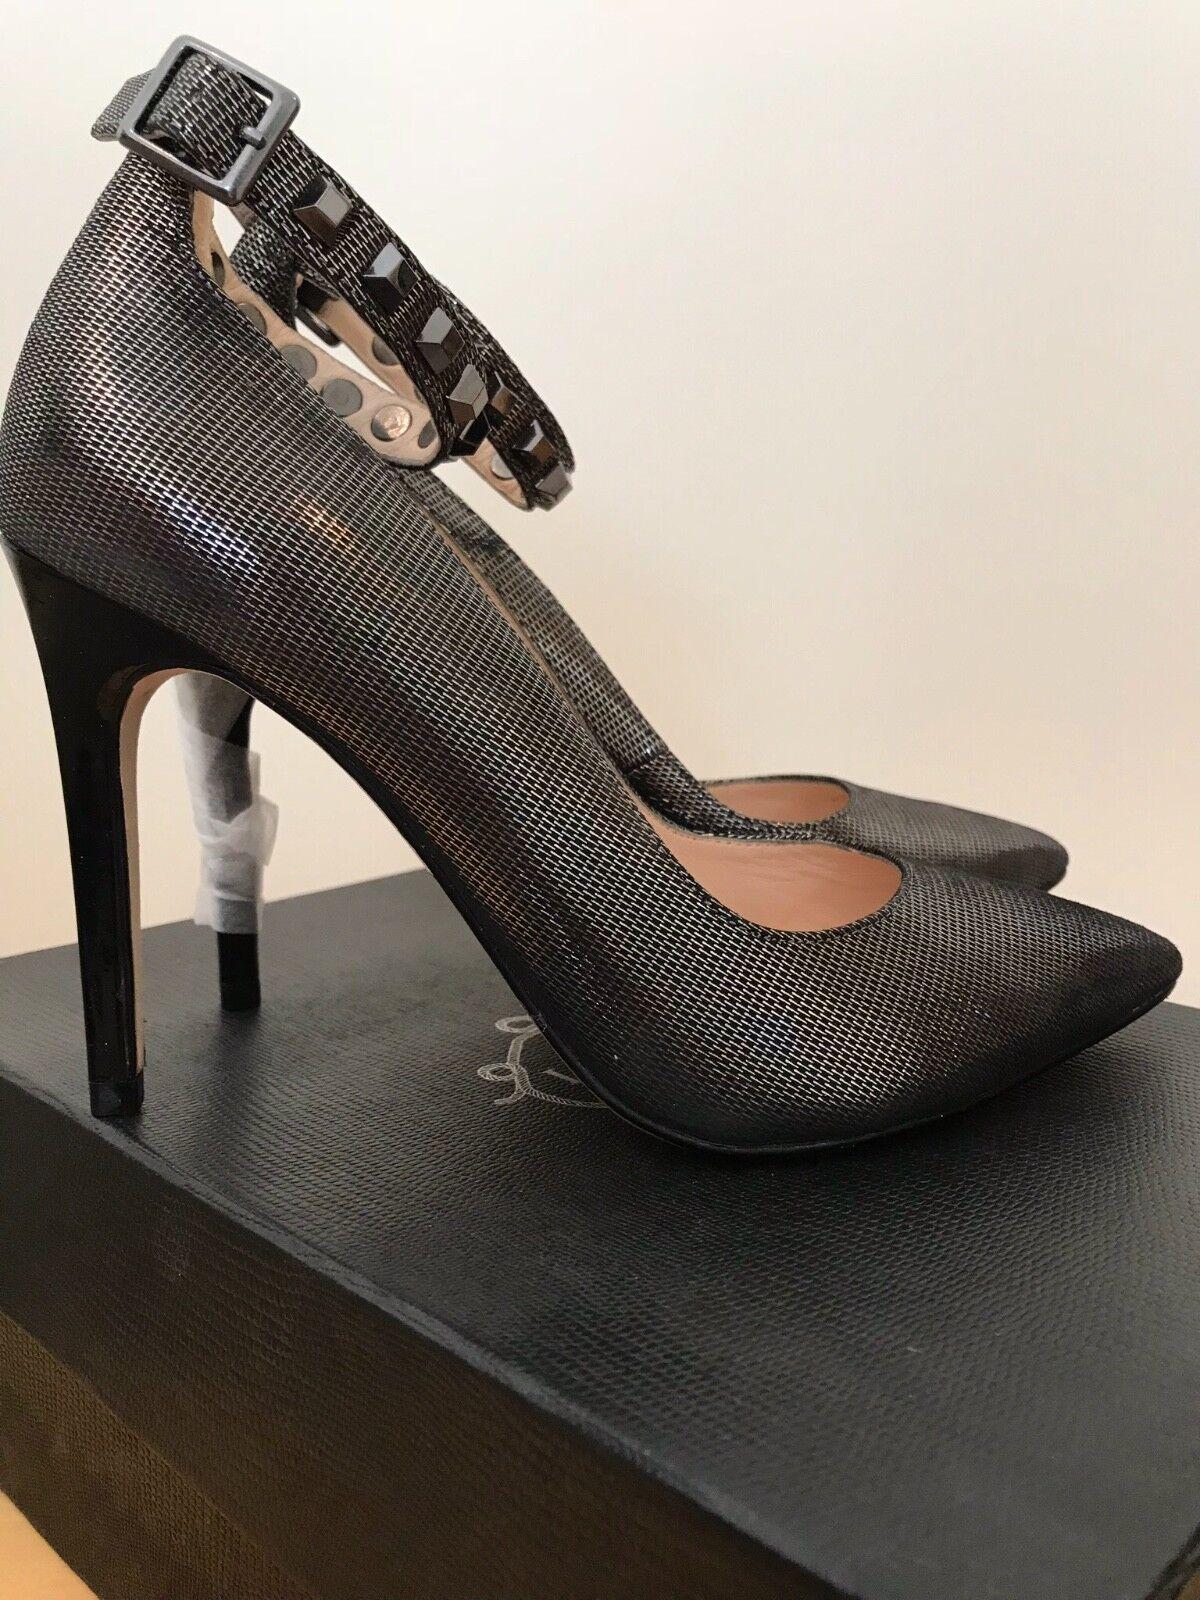 Nouveau Lucy Choi noir gris en cuir métallique métallique métallique Chaussures, Bride Cheville Détail, Taille 4 (37) 928801